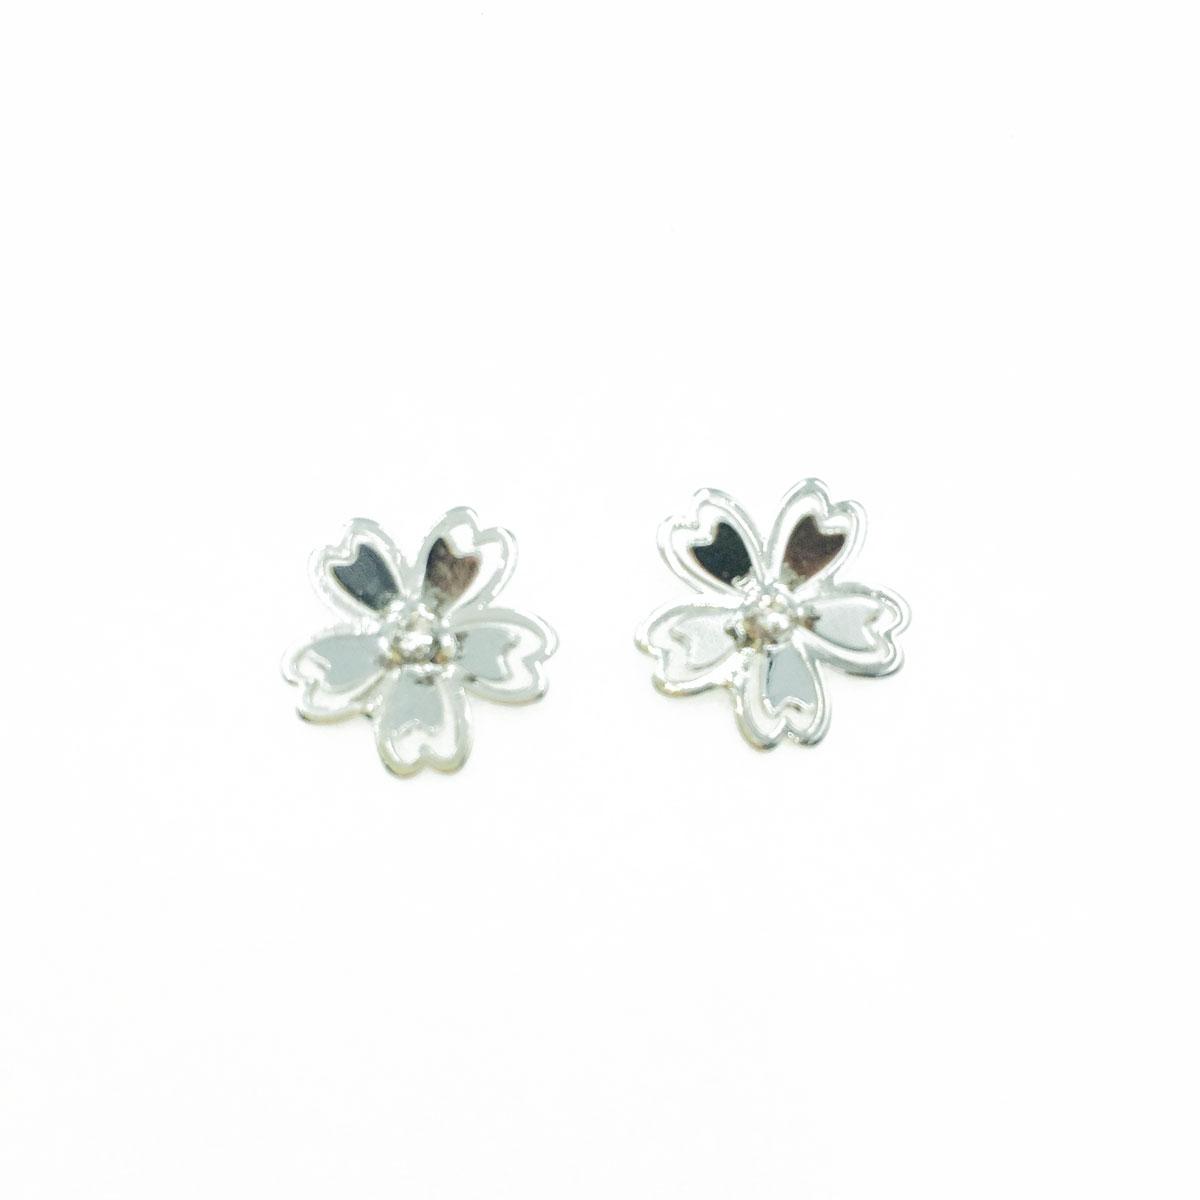 韓國 抗敏電鍍 水鑽 花瓣 造型 銀色 耳針式耳環